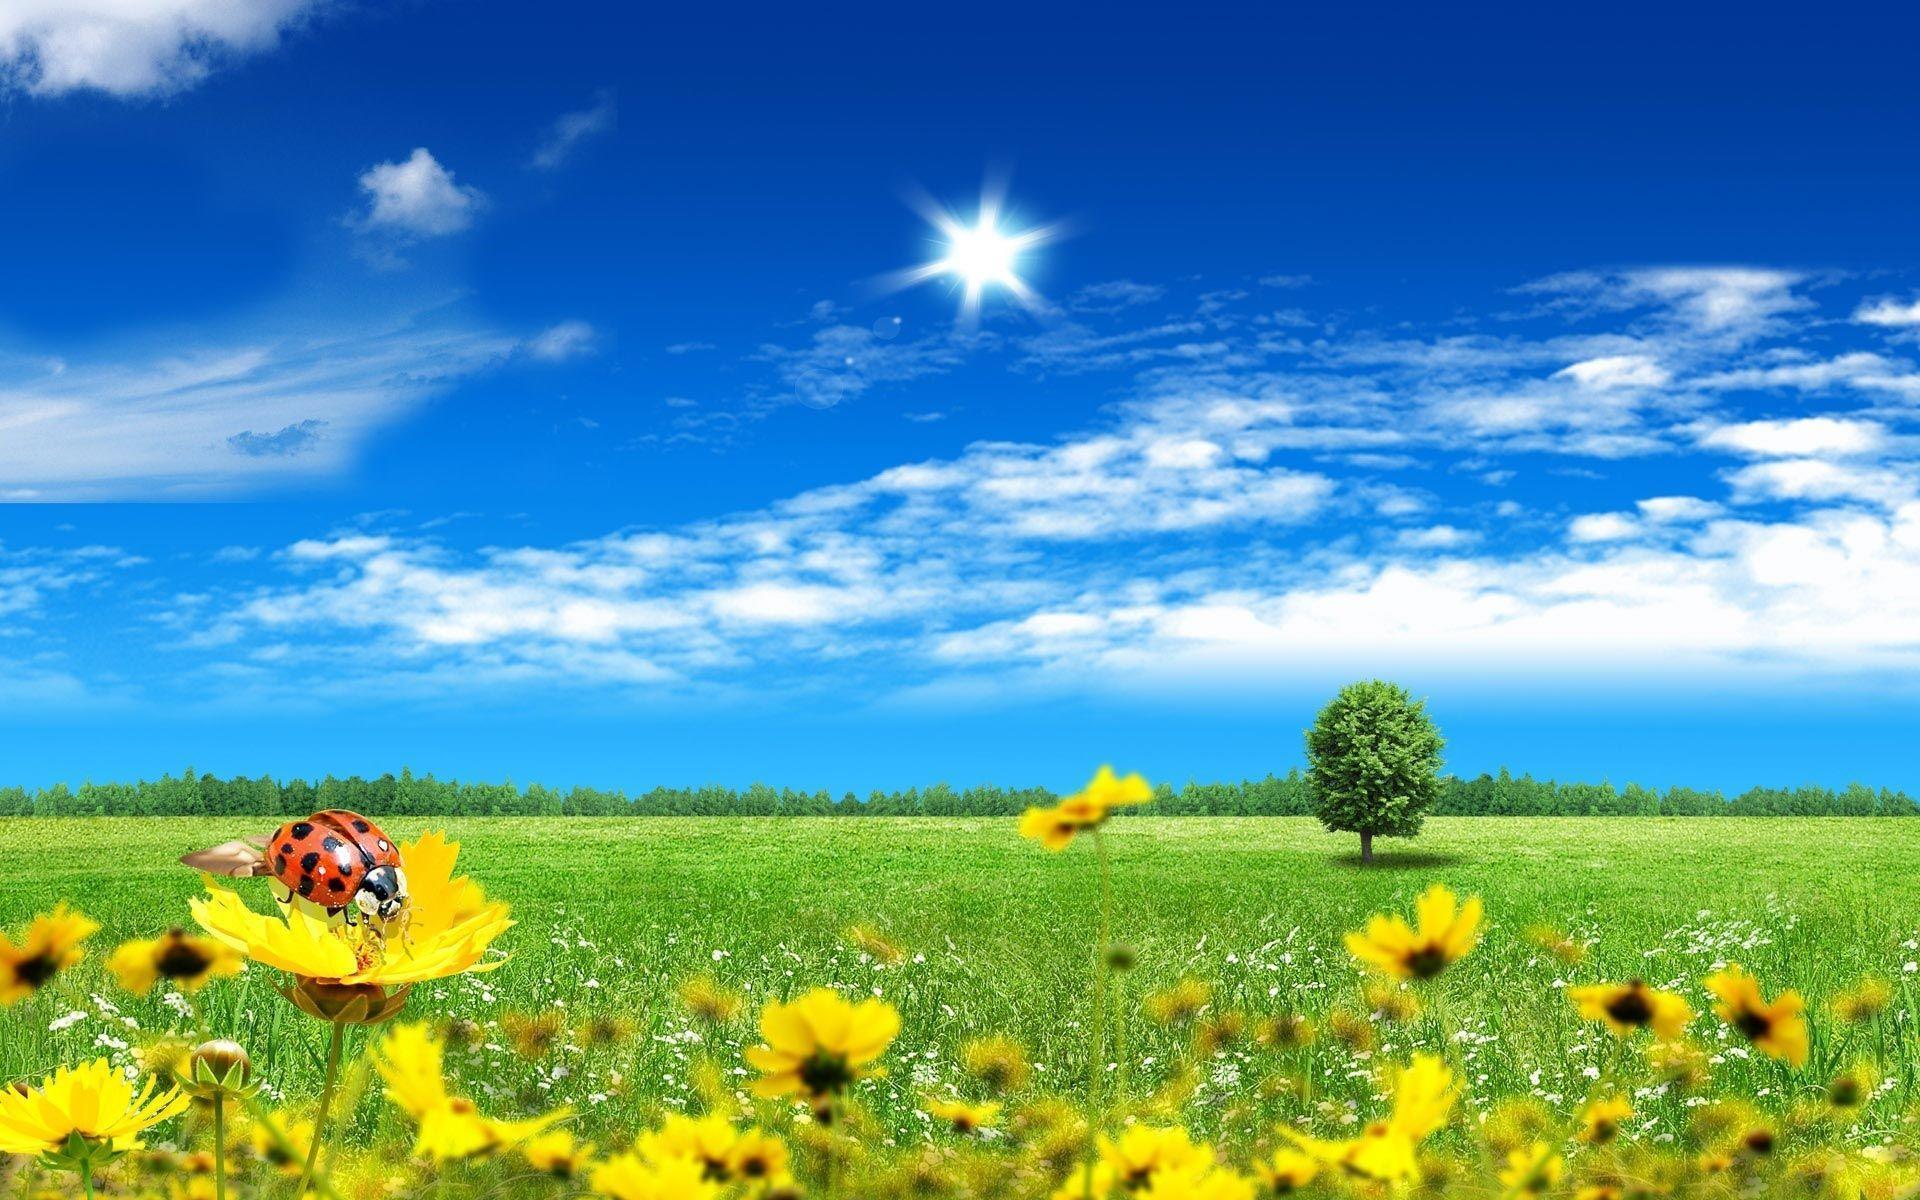 Beautiful Sunny Day Wallpaper 1920x1200 33022 Kb   Picseriocom 1920x1200